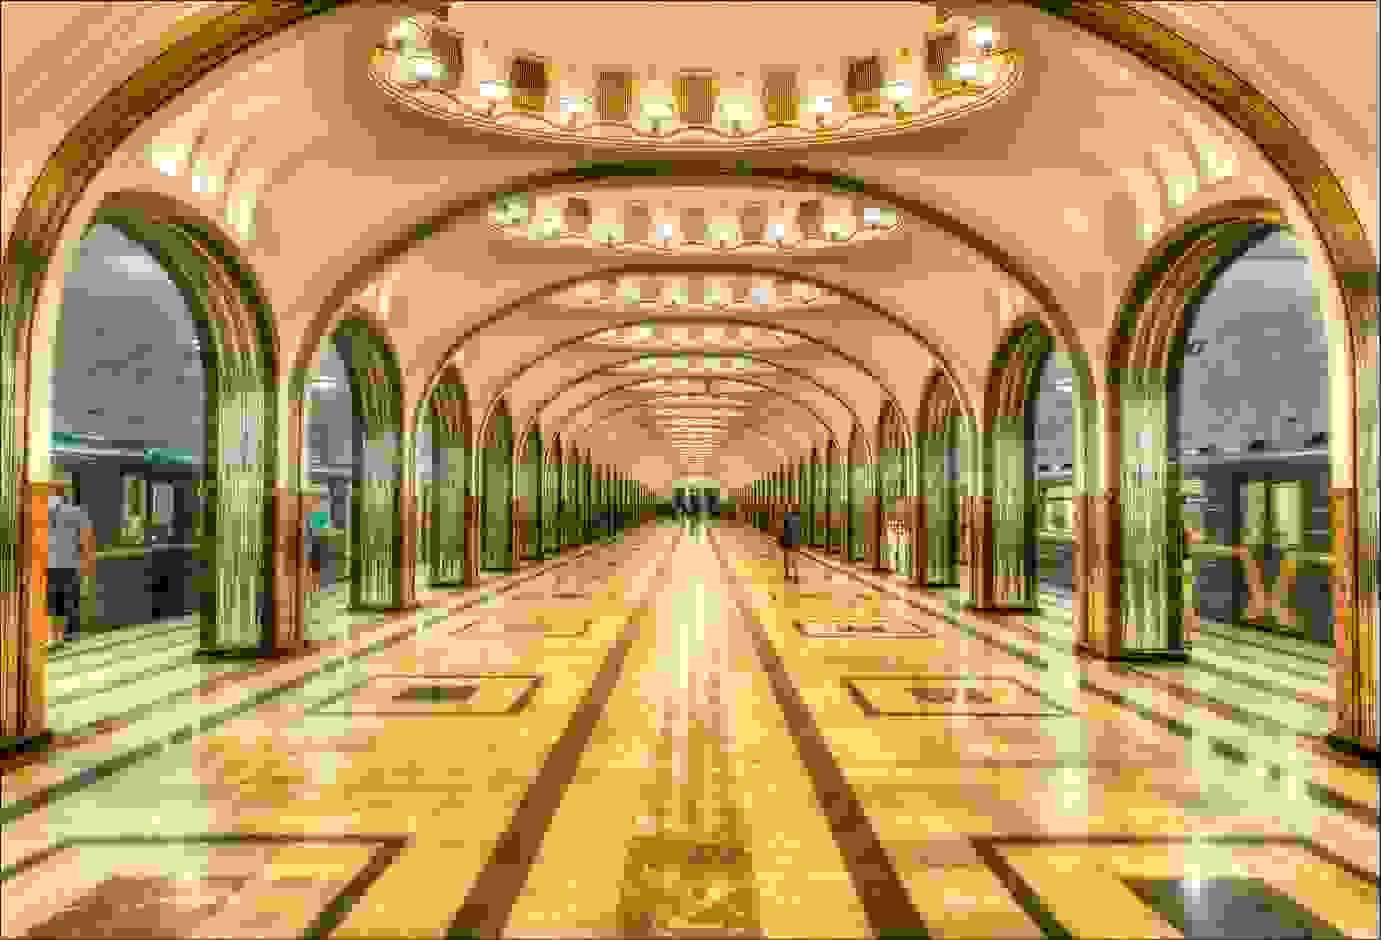 Mayakovskaya Station   Image source: trekearth.com